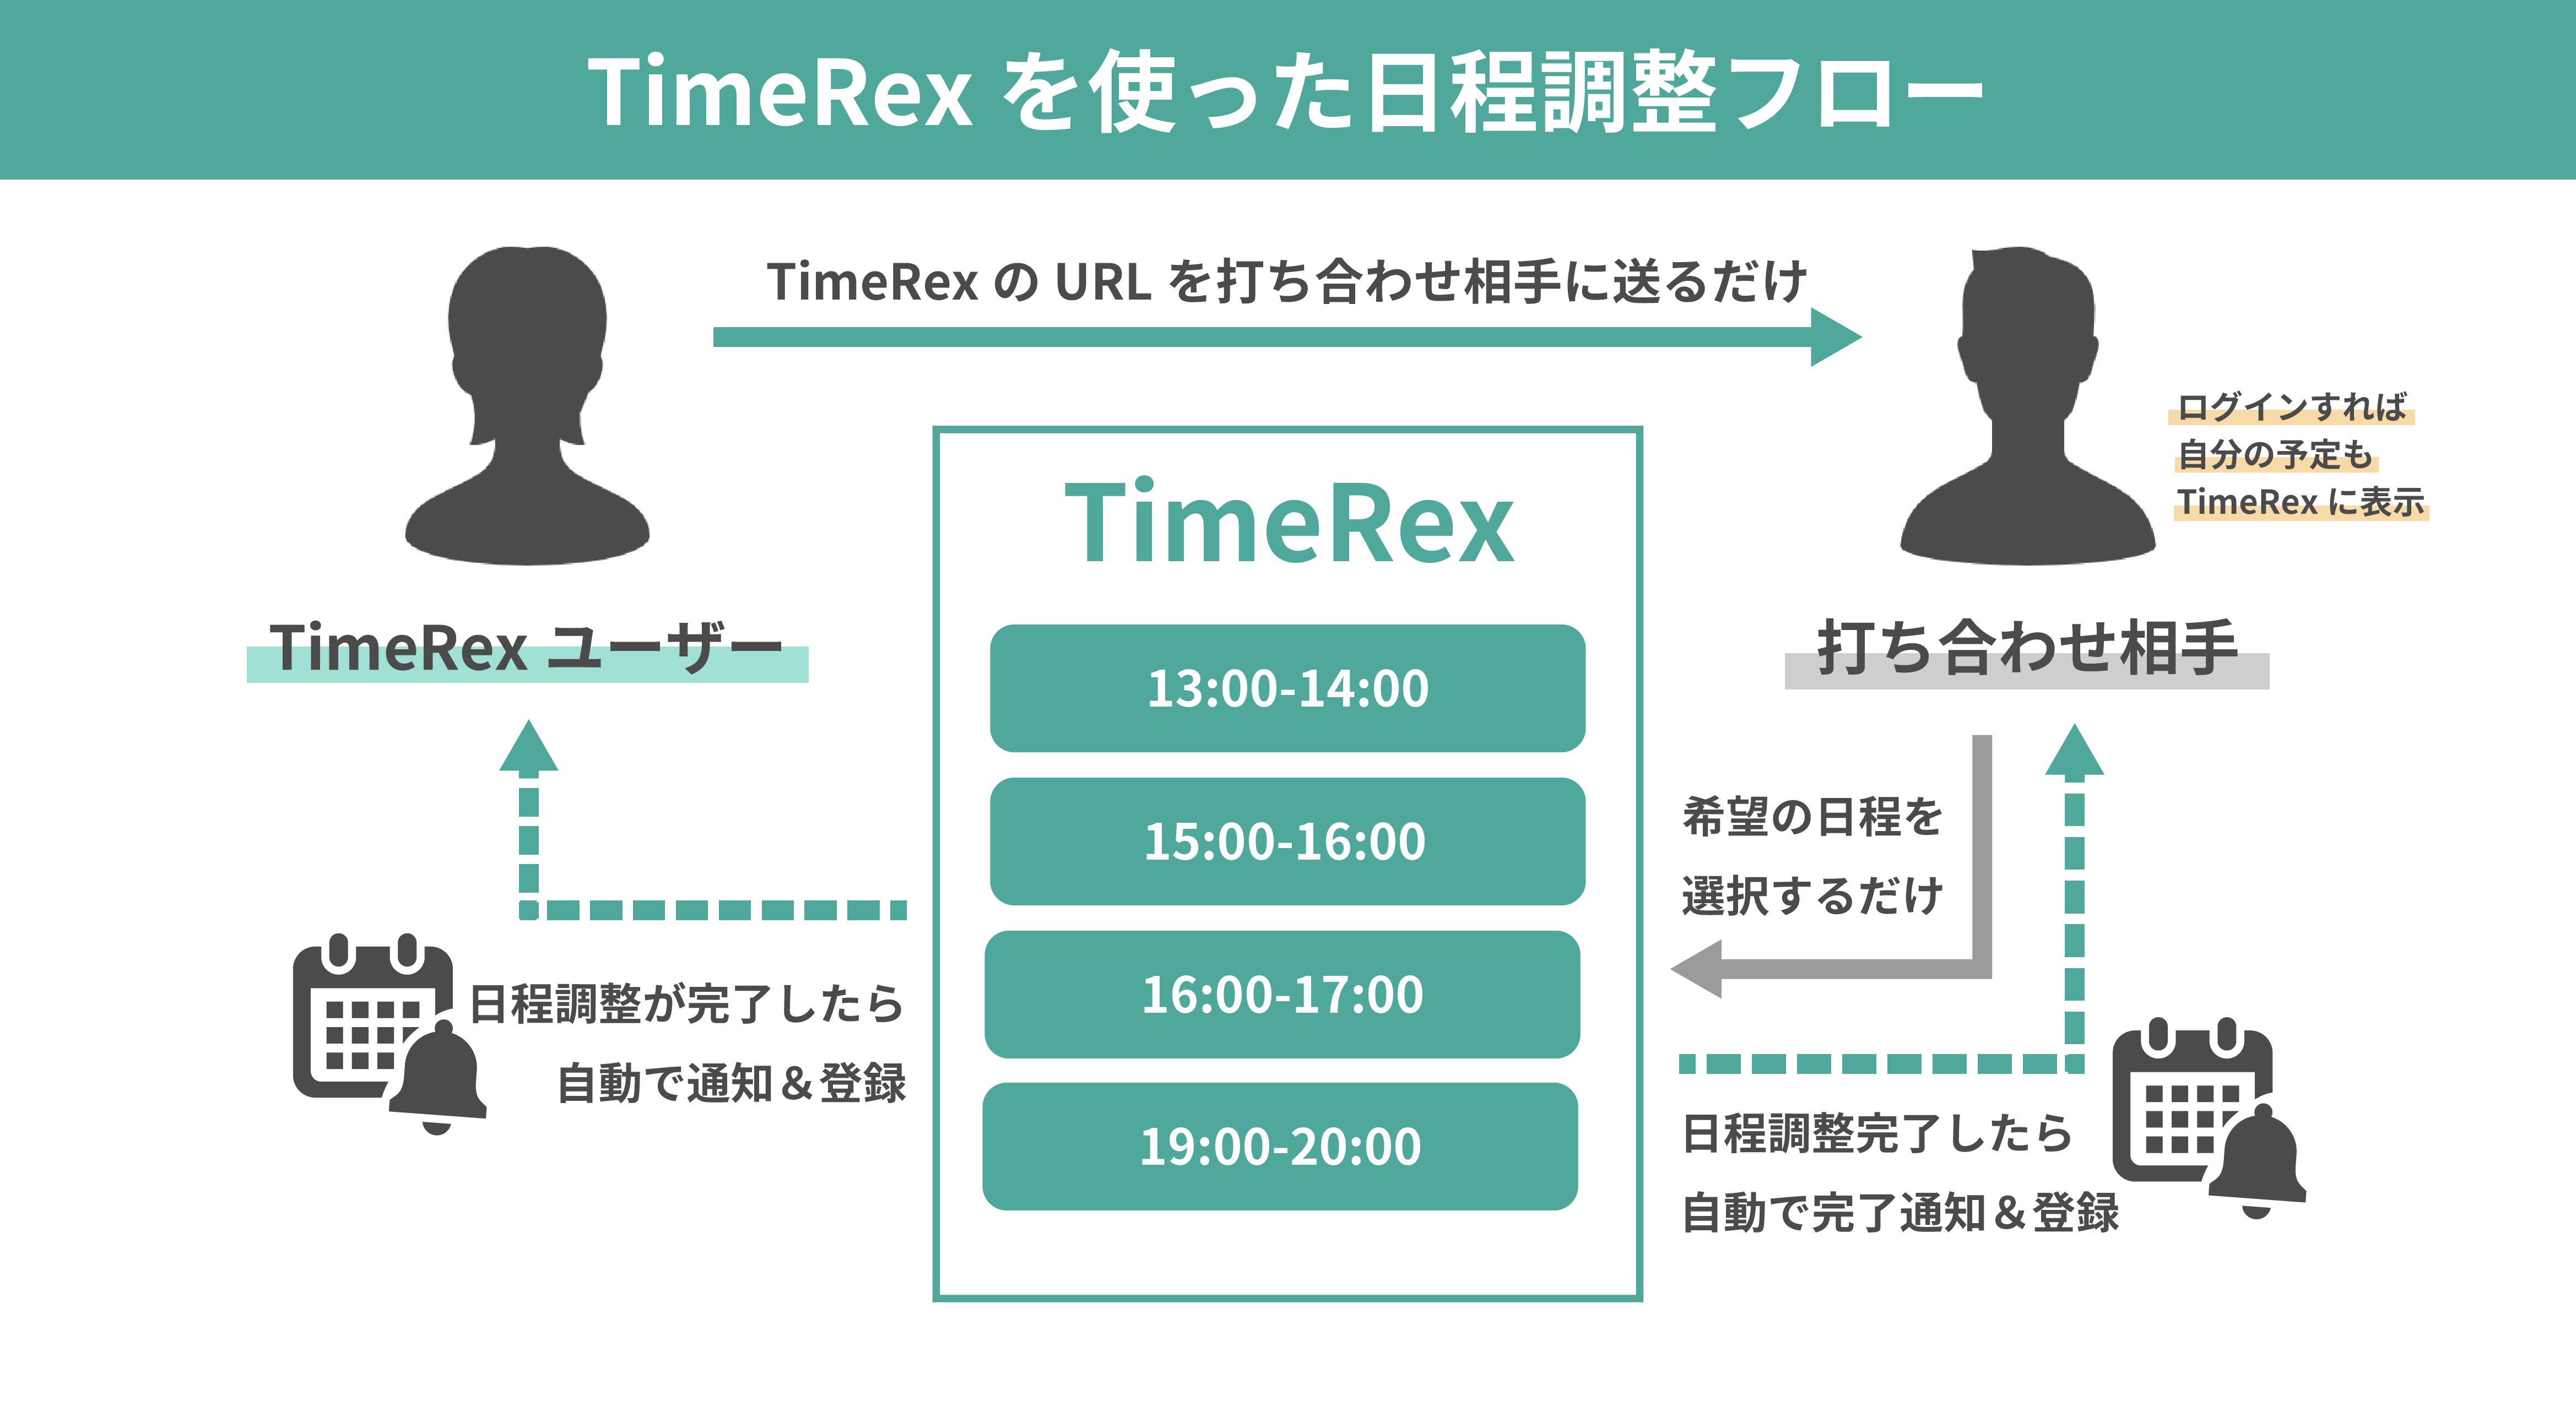 TimeRex日程調整フロー